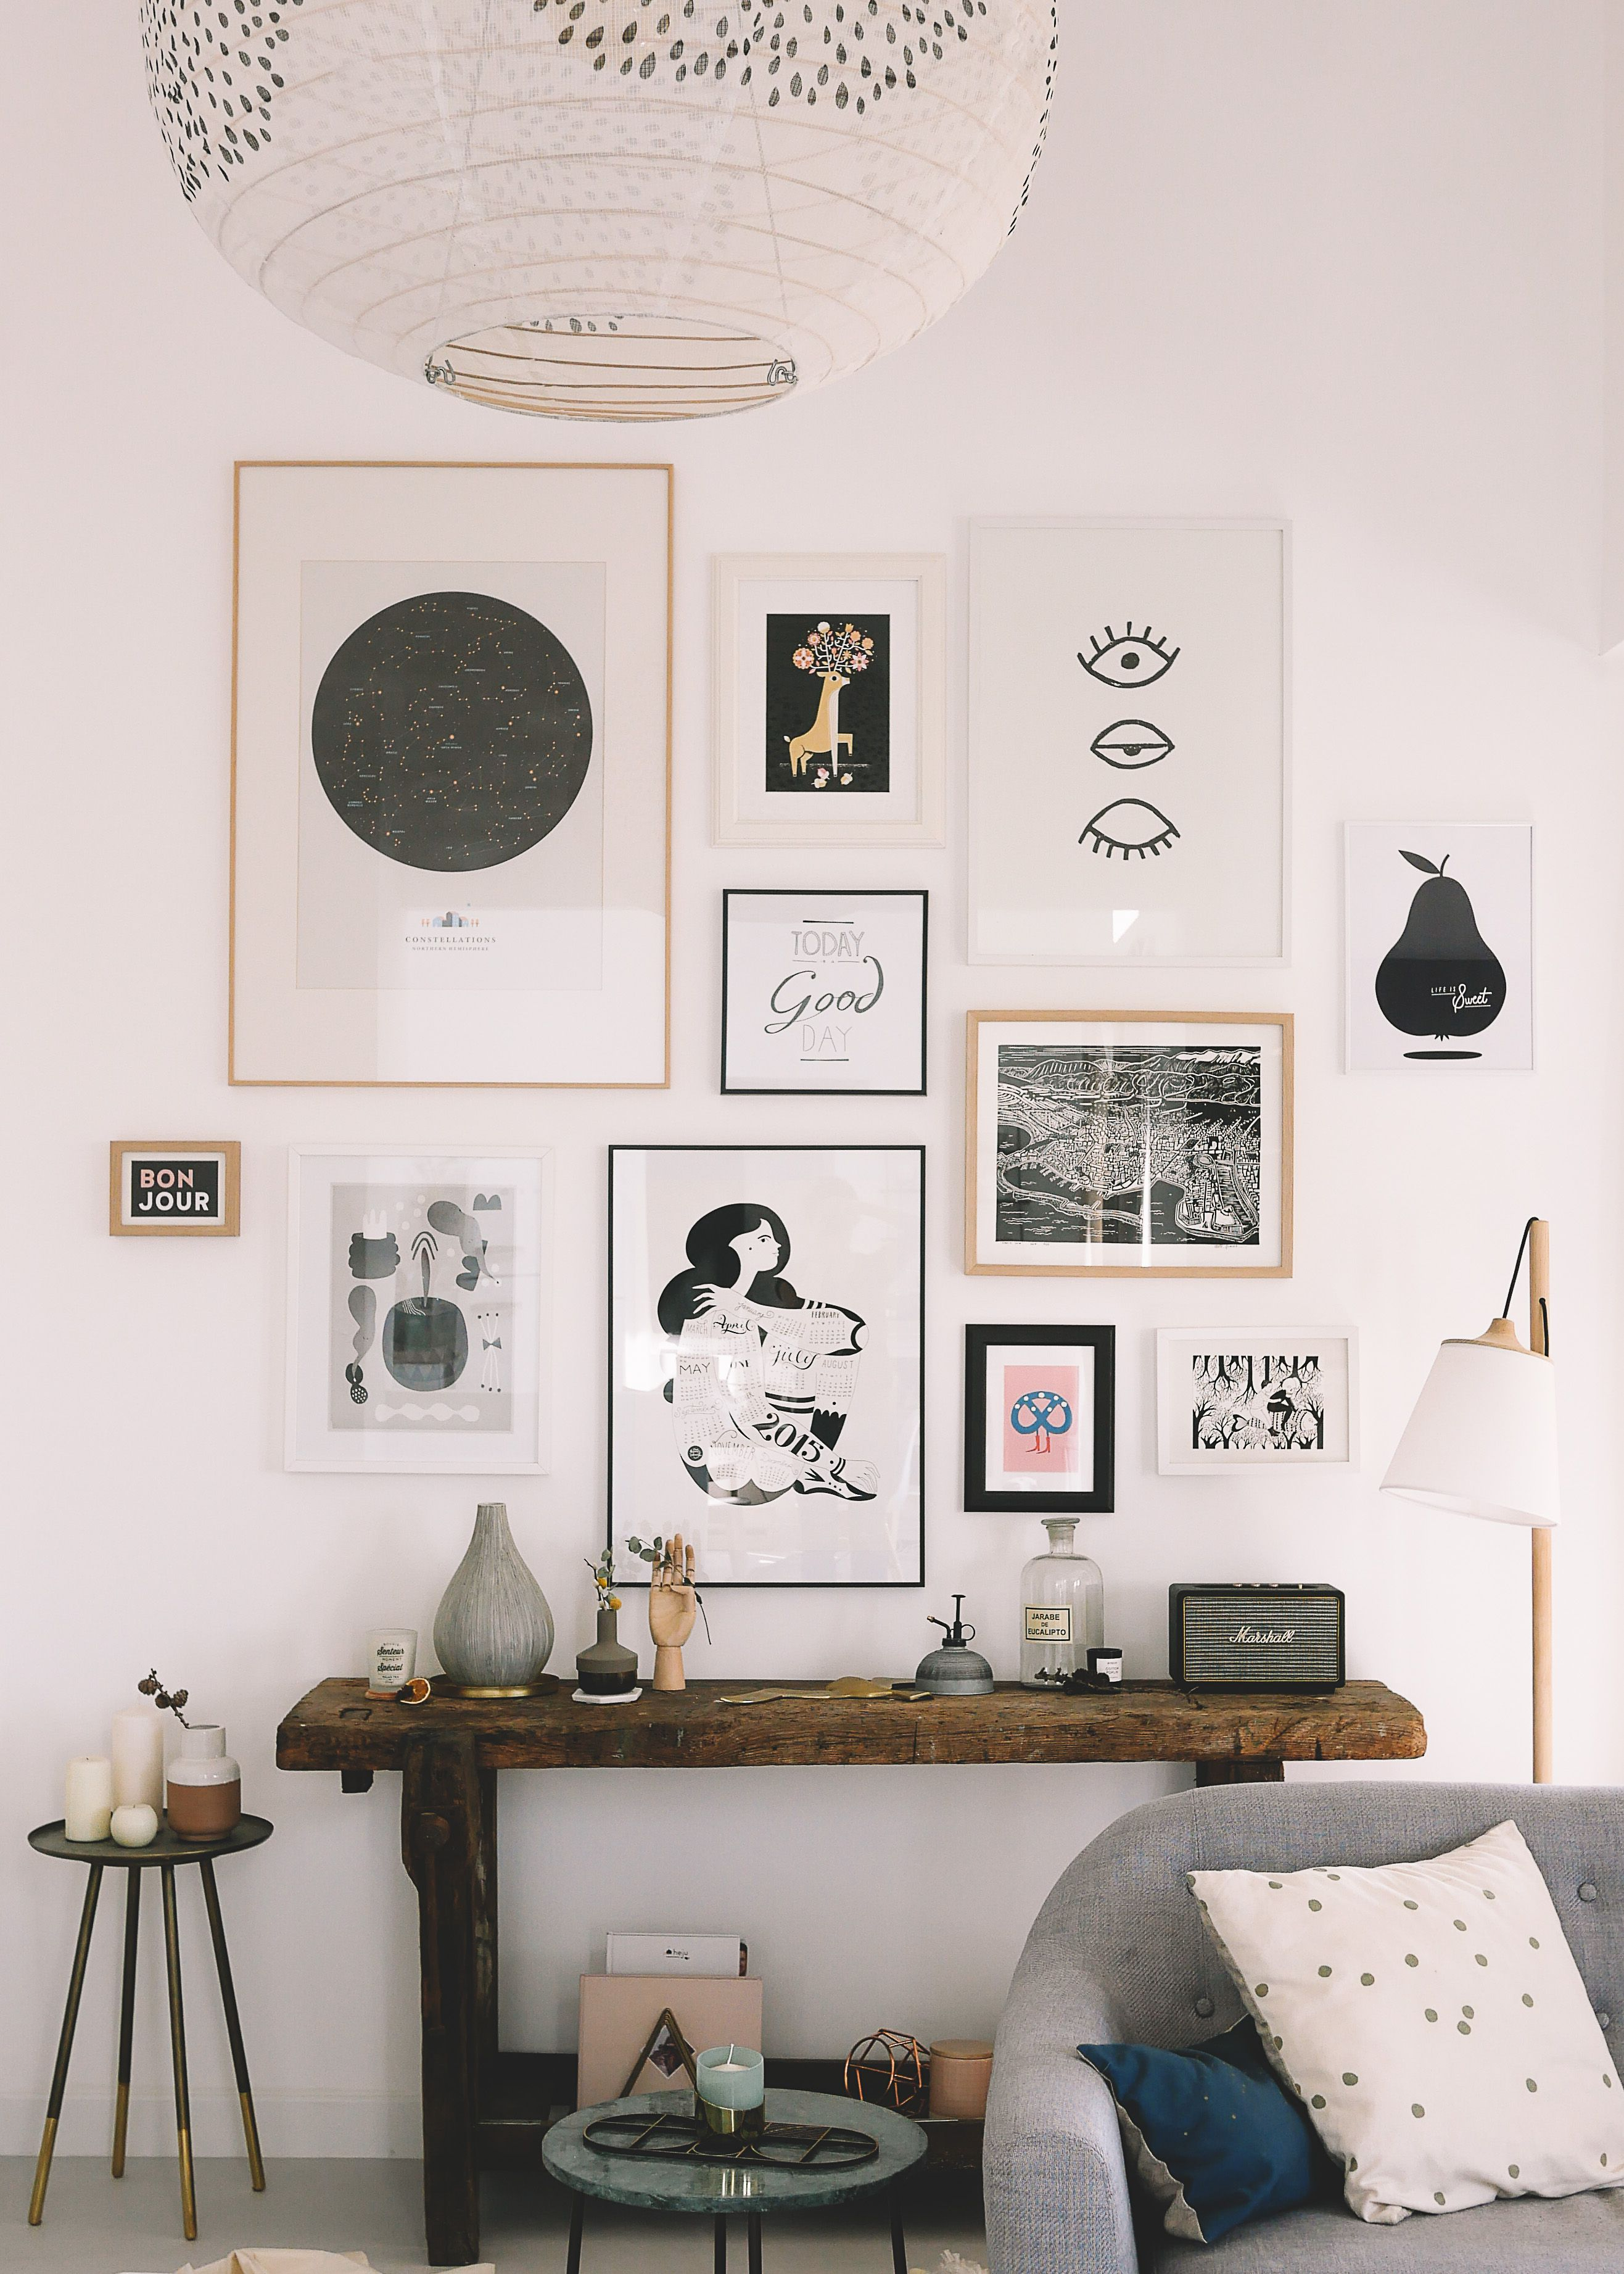 Mur De Cadres Mes Adresses Pour Trouver De Belles Affiches Idee Deco Mur Idee Deco Mur Salon Decoration Mur